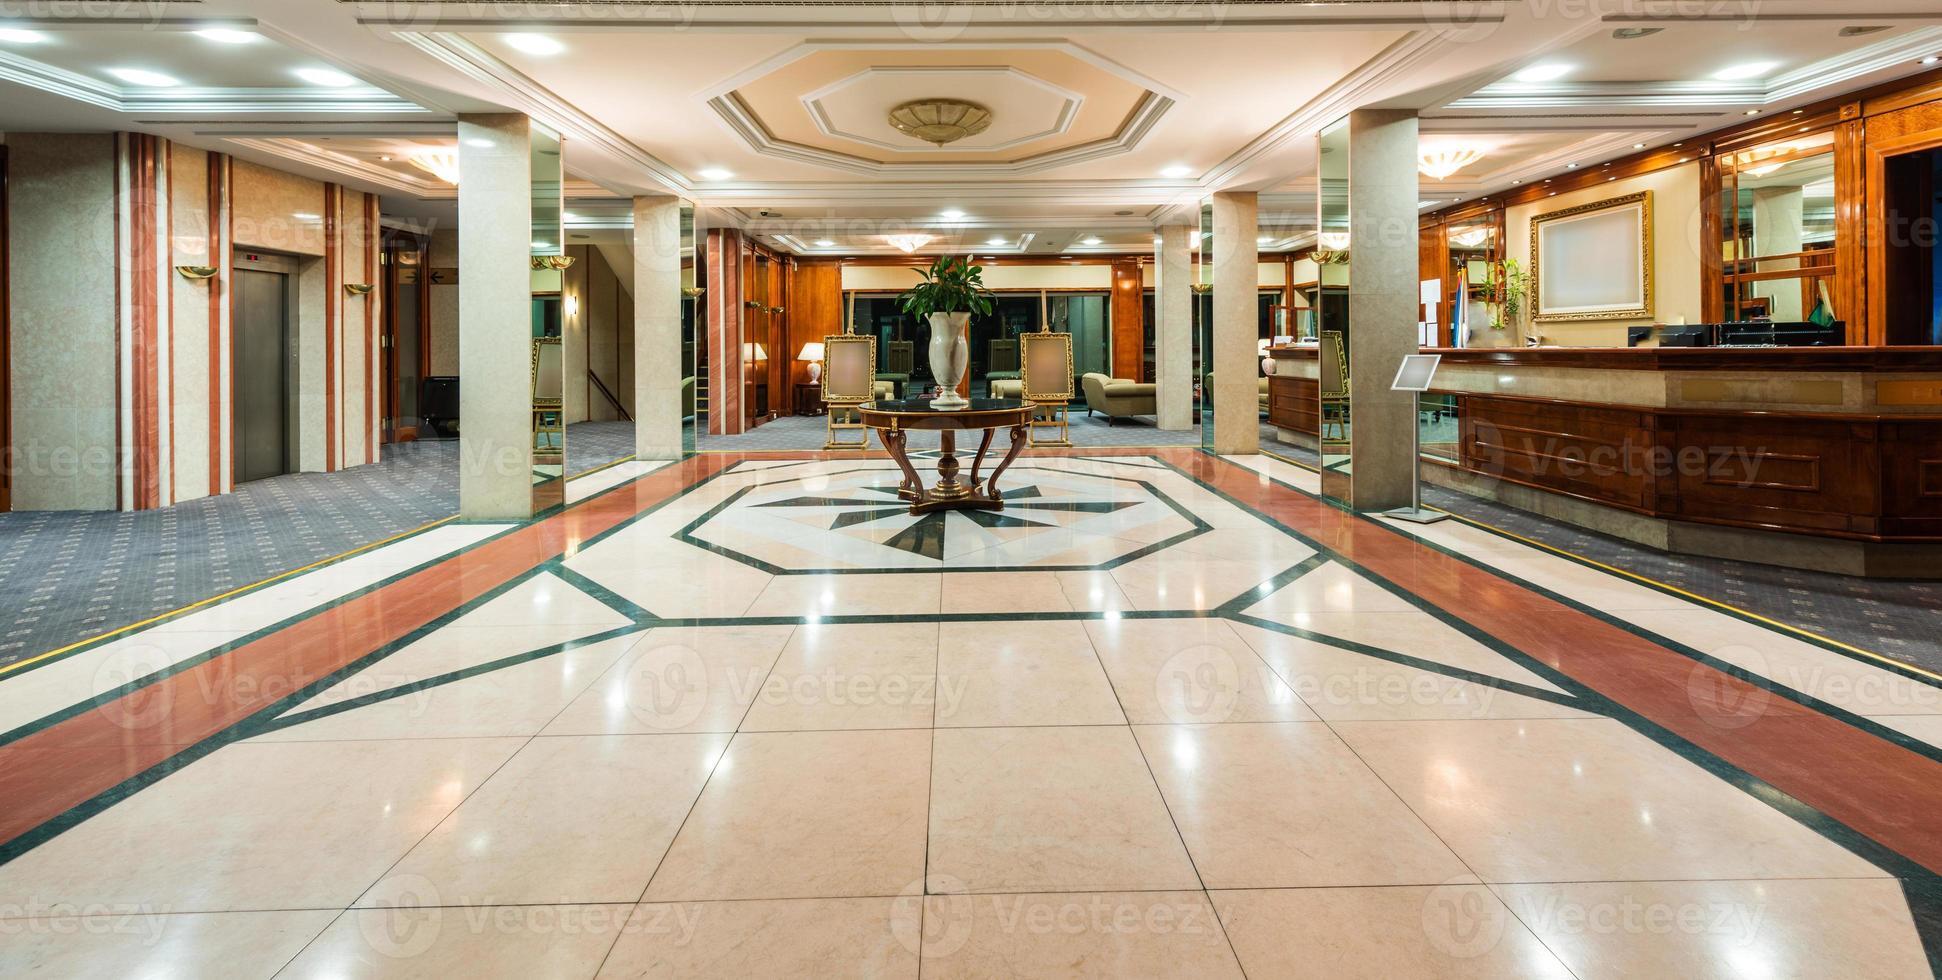 interno della reception di un hotel foto